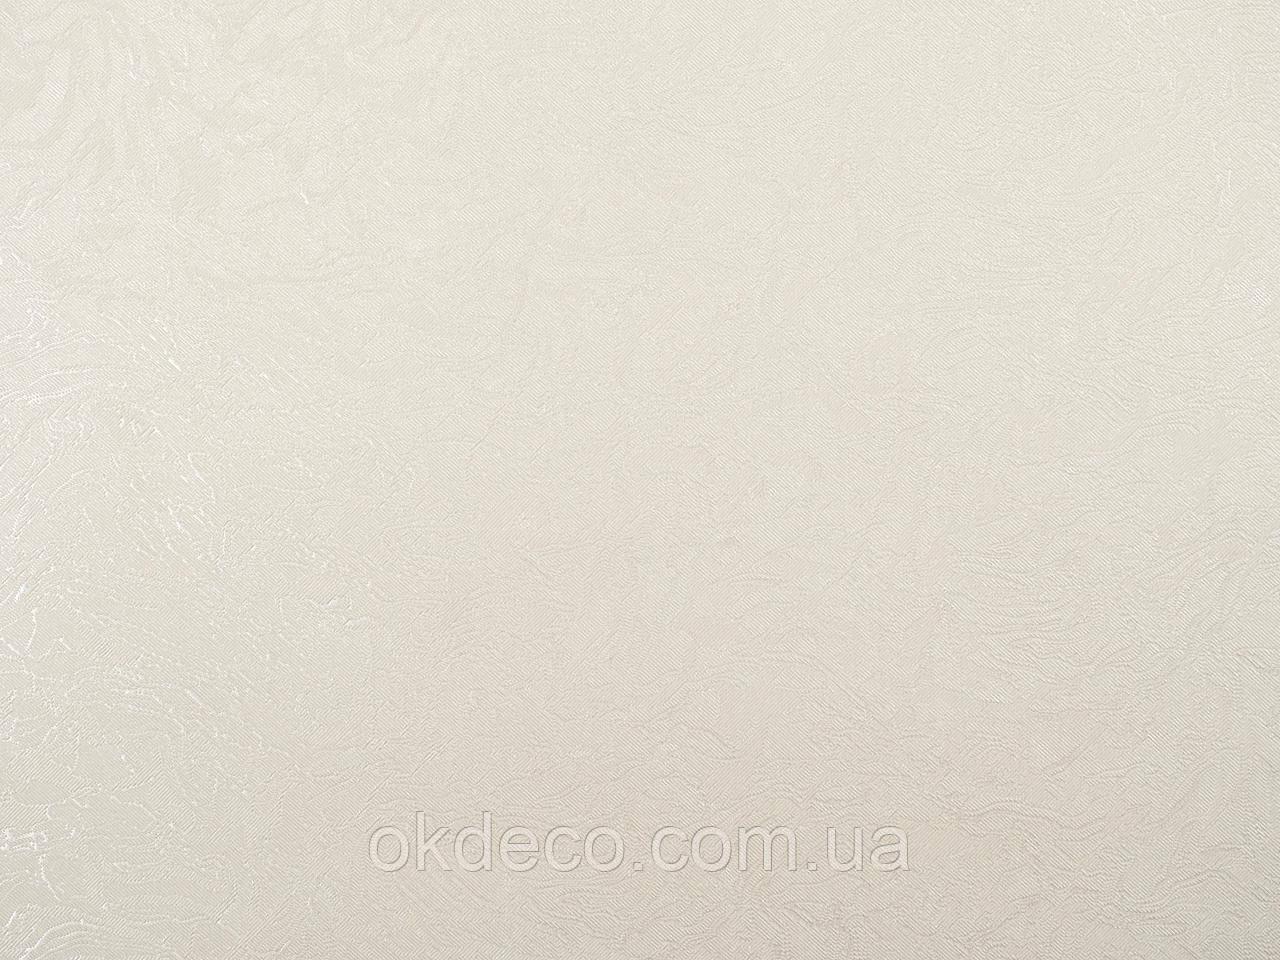 Обои виниловые на флизелиновой основе ArtGrand Assorti 936AS35